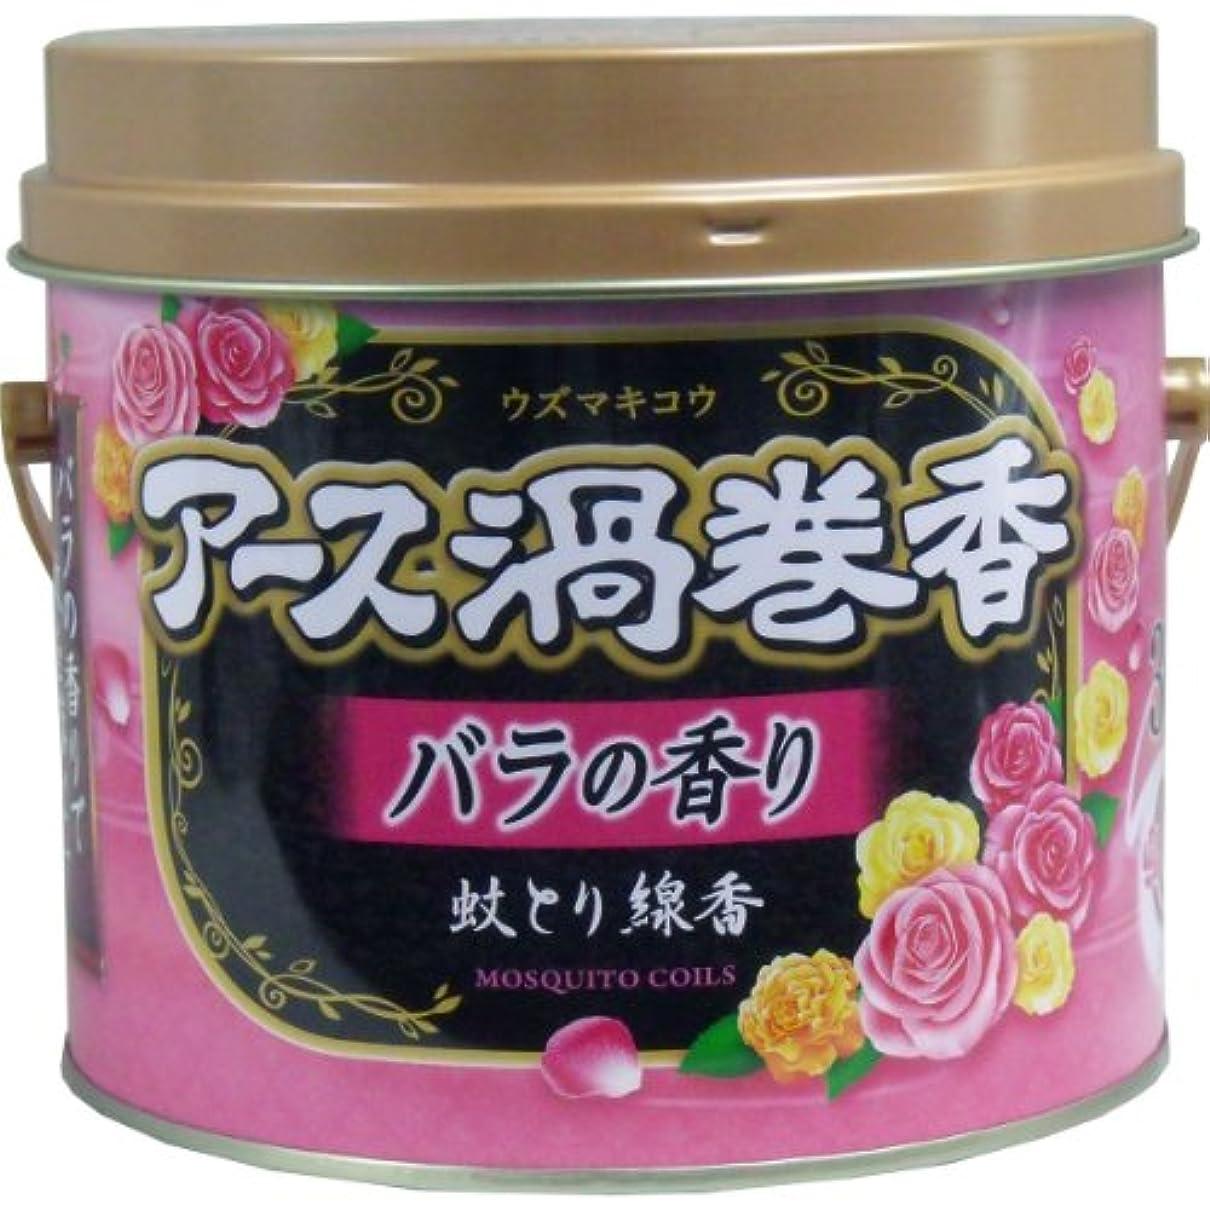 芝生予定気をつけてアース渦巻香 蚊とり線香 バラの香り 30巻3個セット